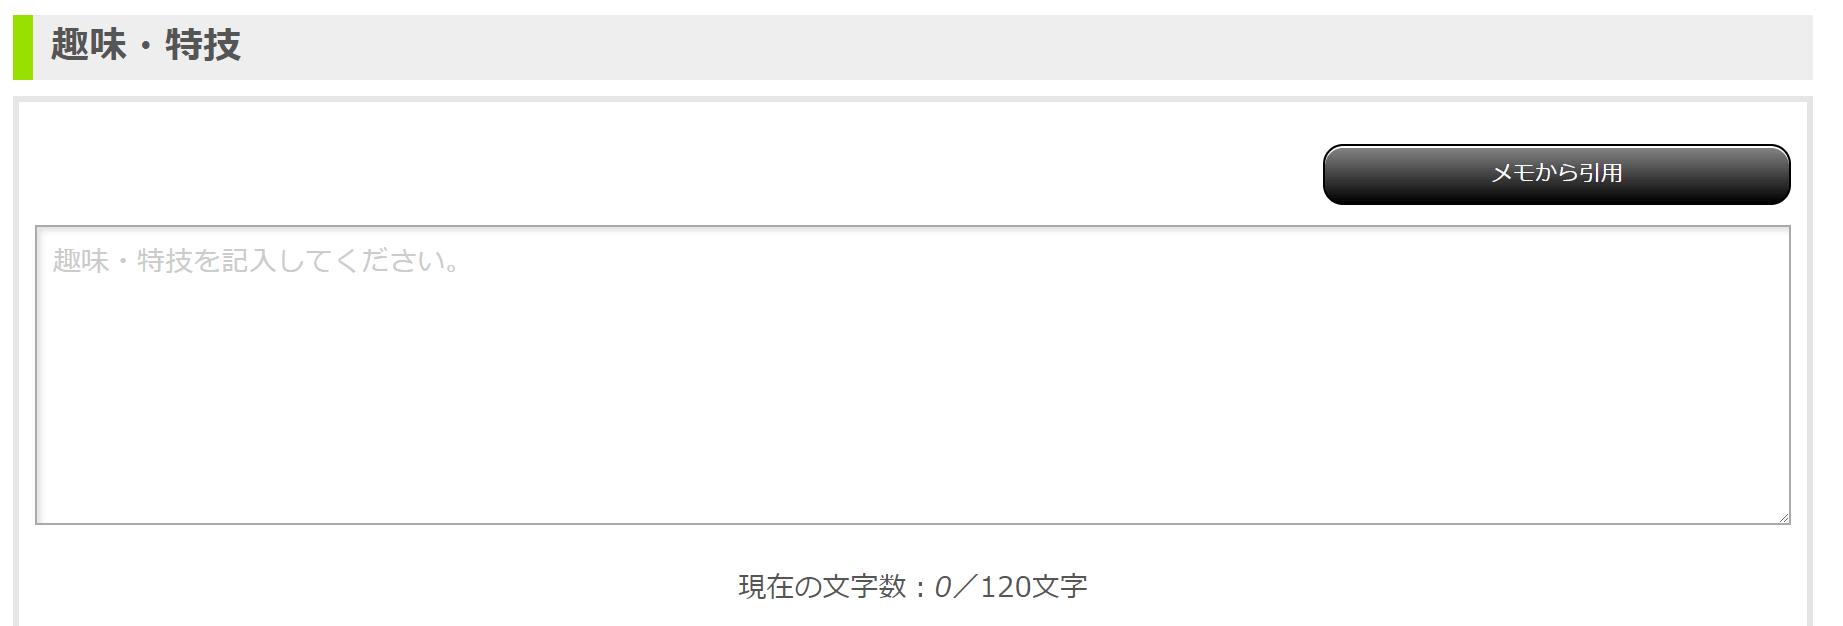 (実際のOpenESでの趣味・特技欄だよ)